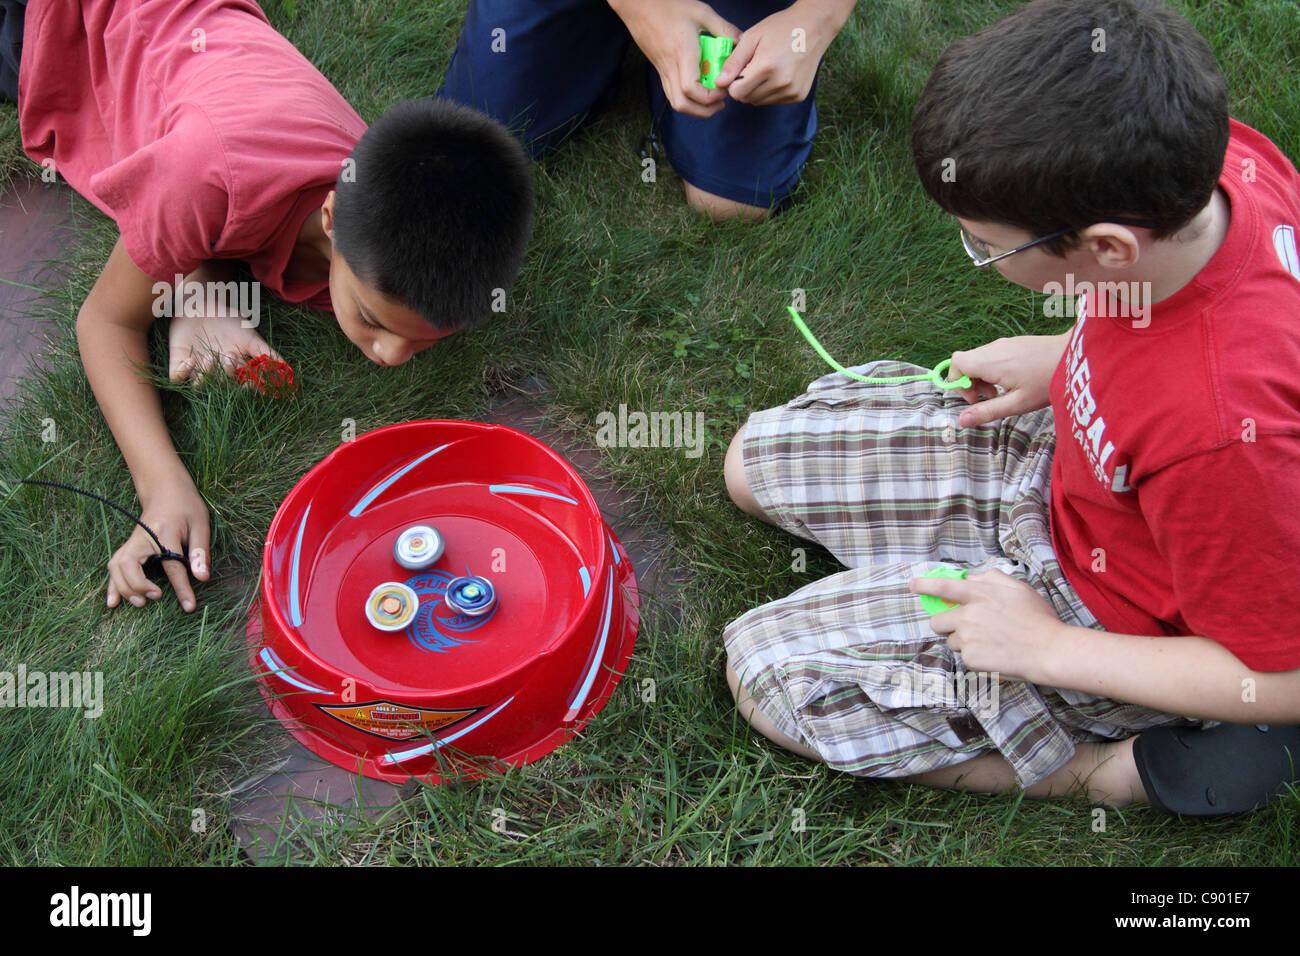 Bey Blade diversión 9-10 tres muchachos jugando en el estadio viendo Imagen De Stock